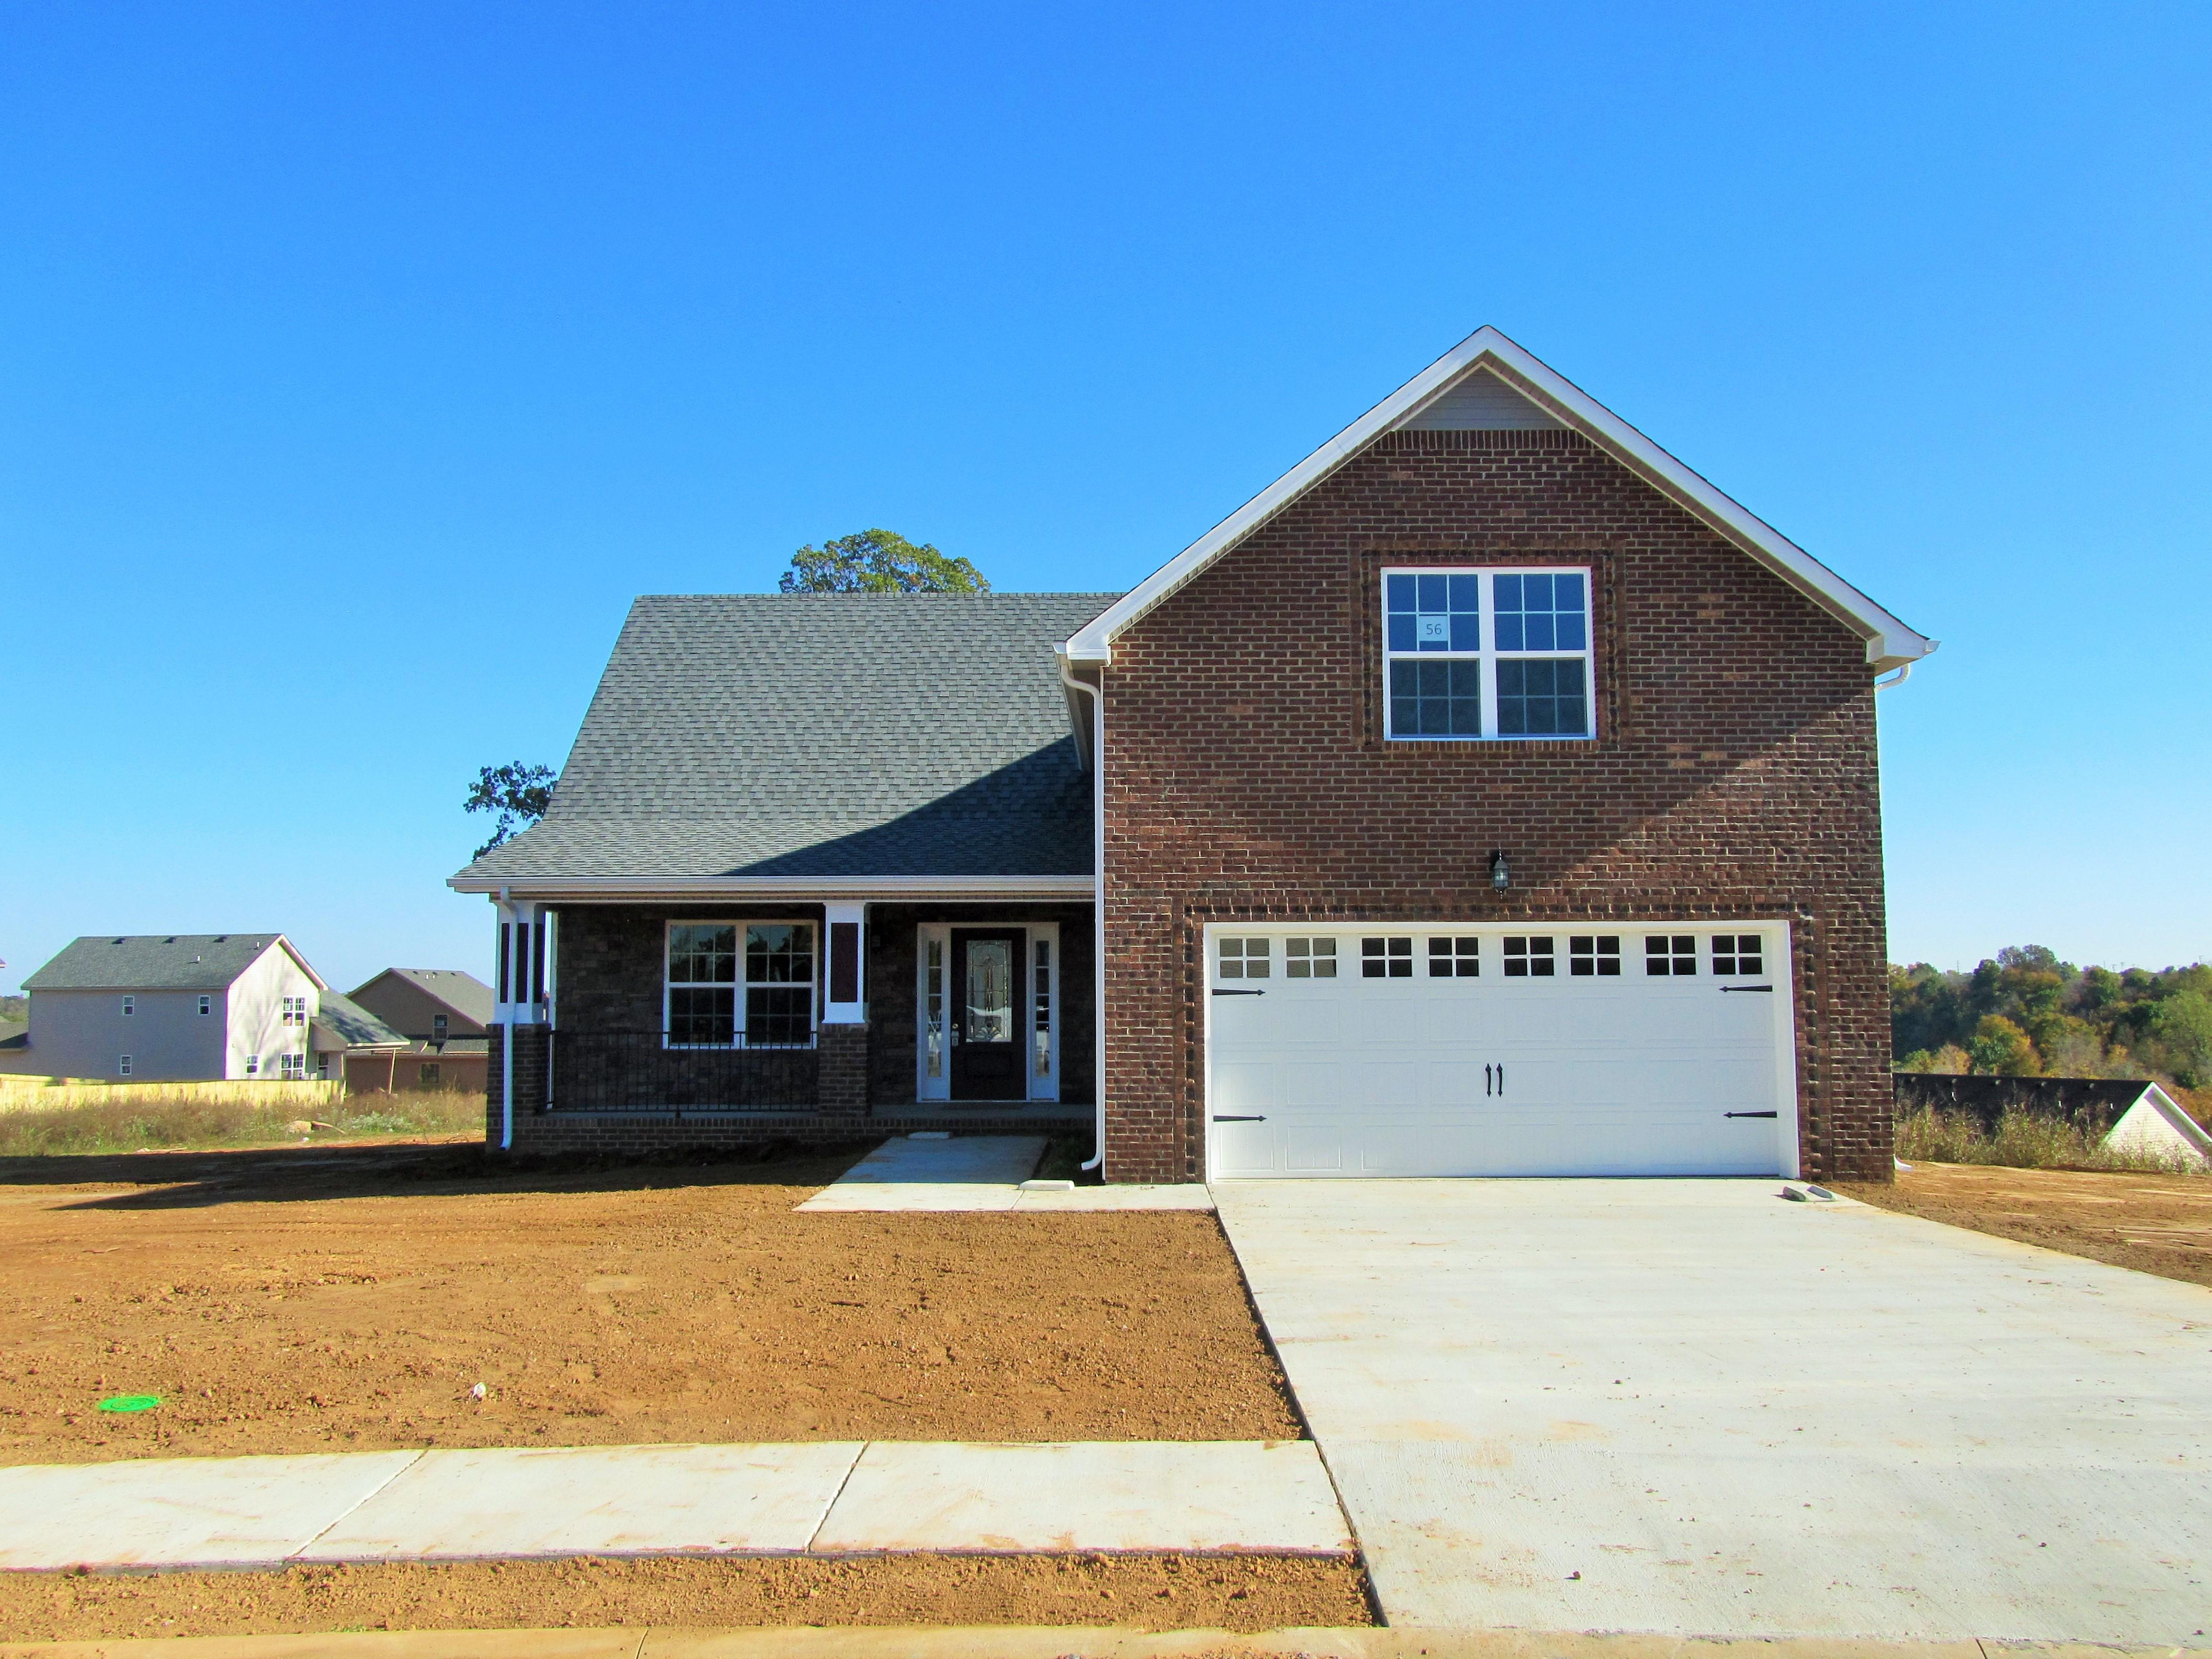 683 Crestone Court Clarksville, TN 37042